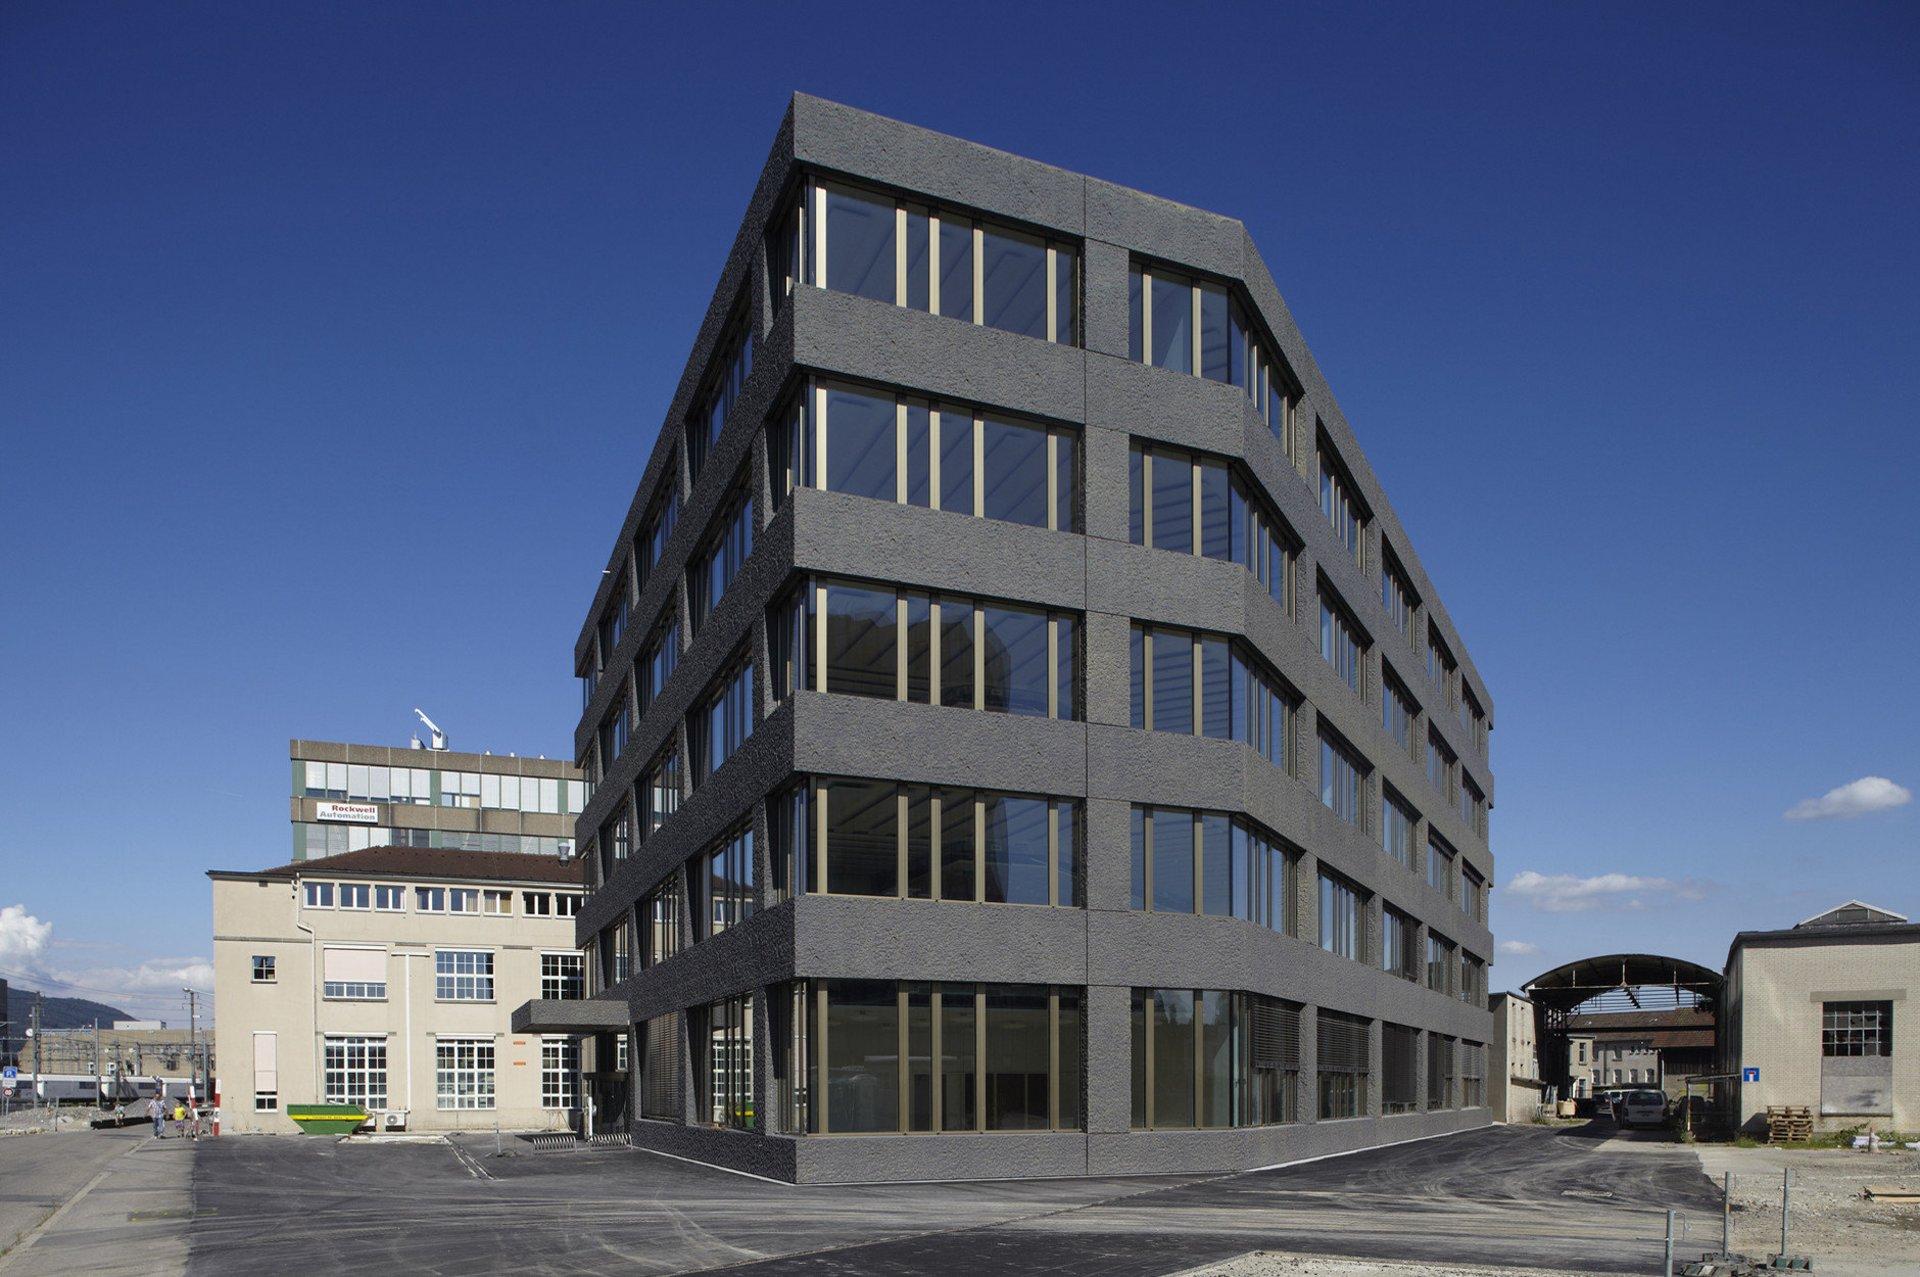 4-stöckiges Bürogebäude 3 verschiedene Seiten sichtbar